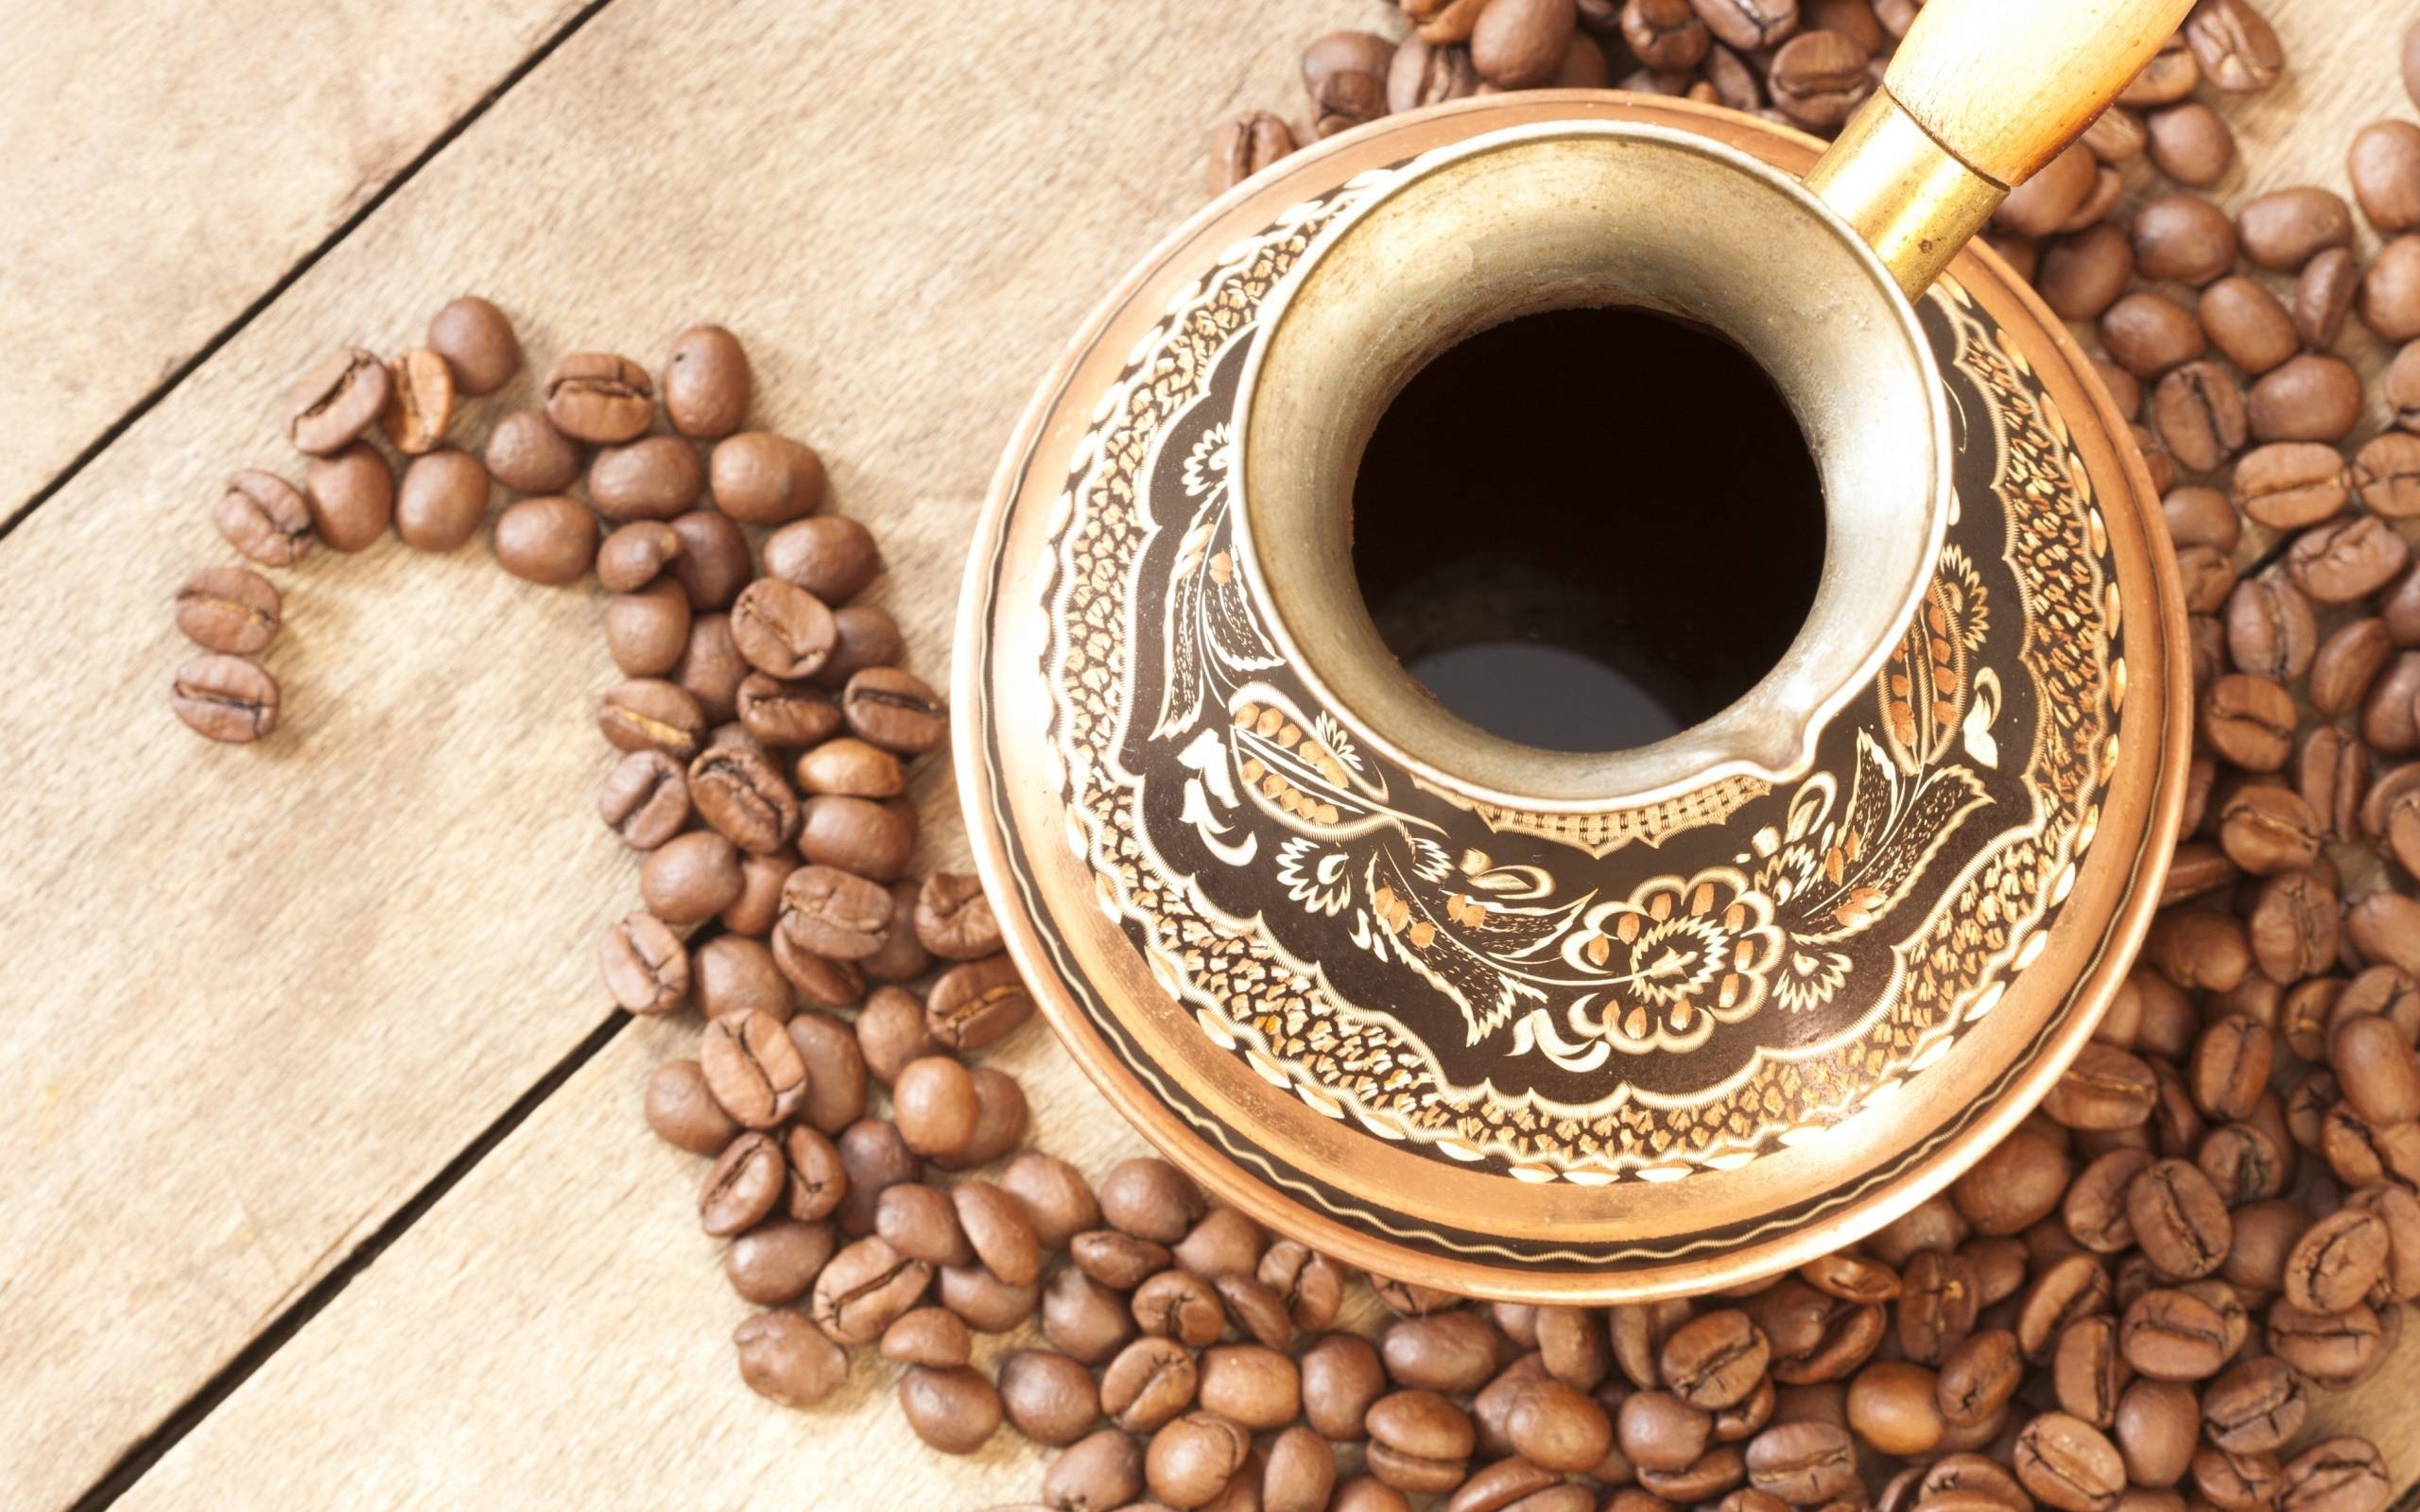 Можно ли употреблять кофе при геморрое?